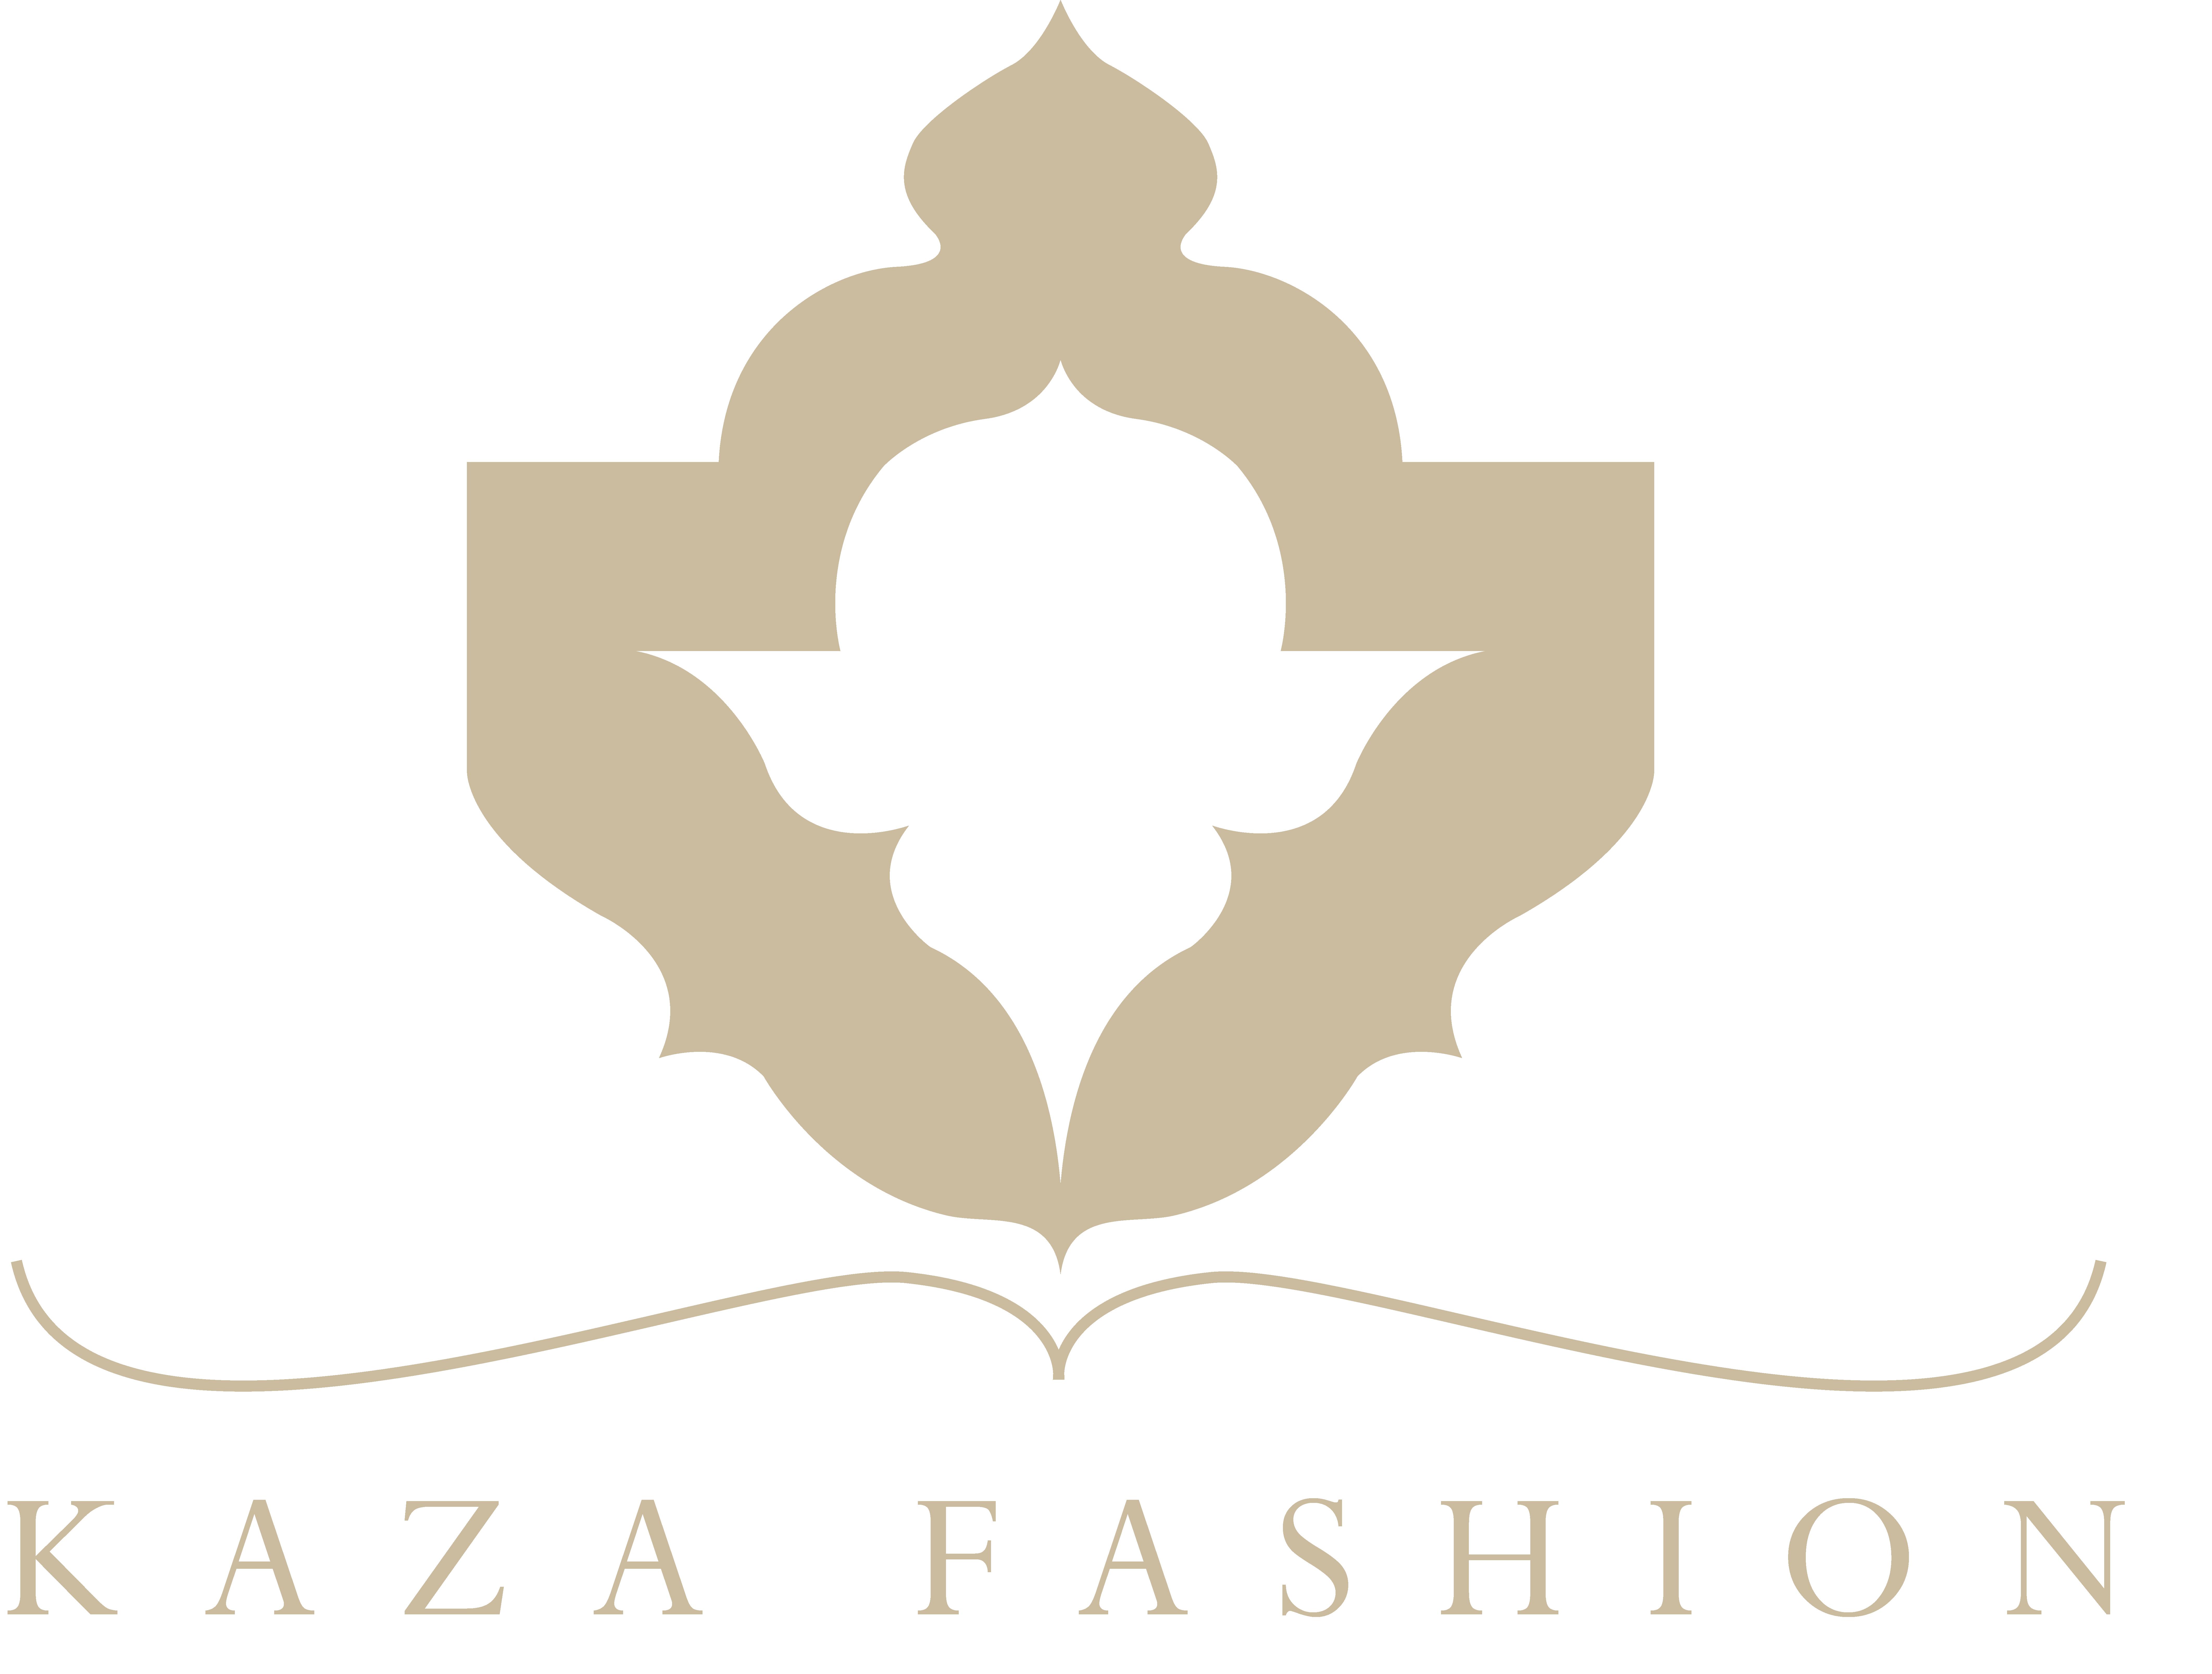 Kaza fashion